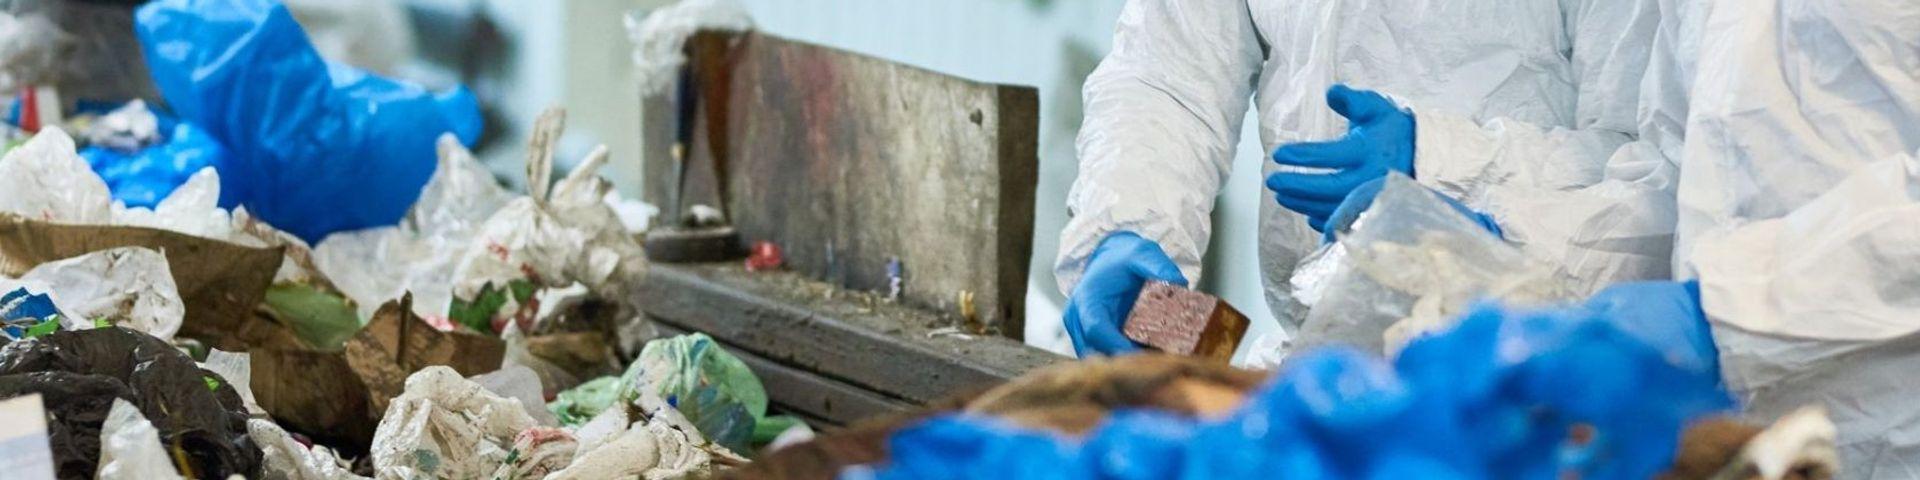 Tratamiento y reciclaje de residuos